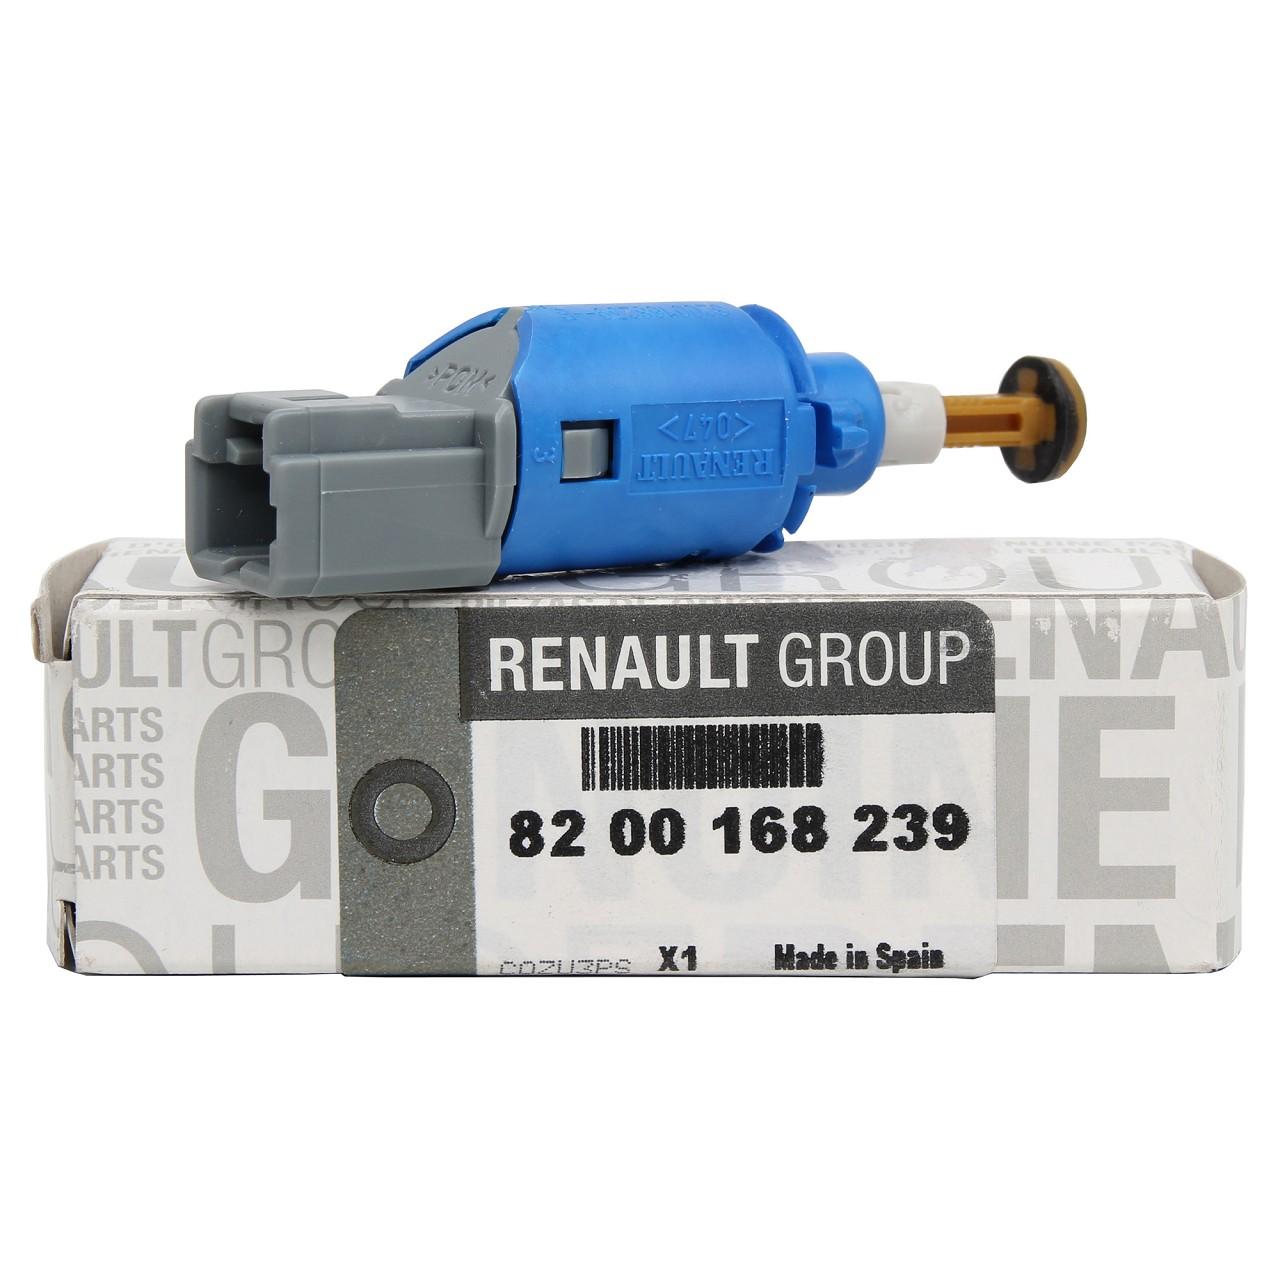 ORIGINAL Renault Bremslichtschalter CLIO III ESPACE IV KANGOO LAGUNA 8200168239